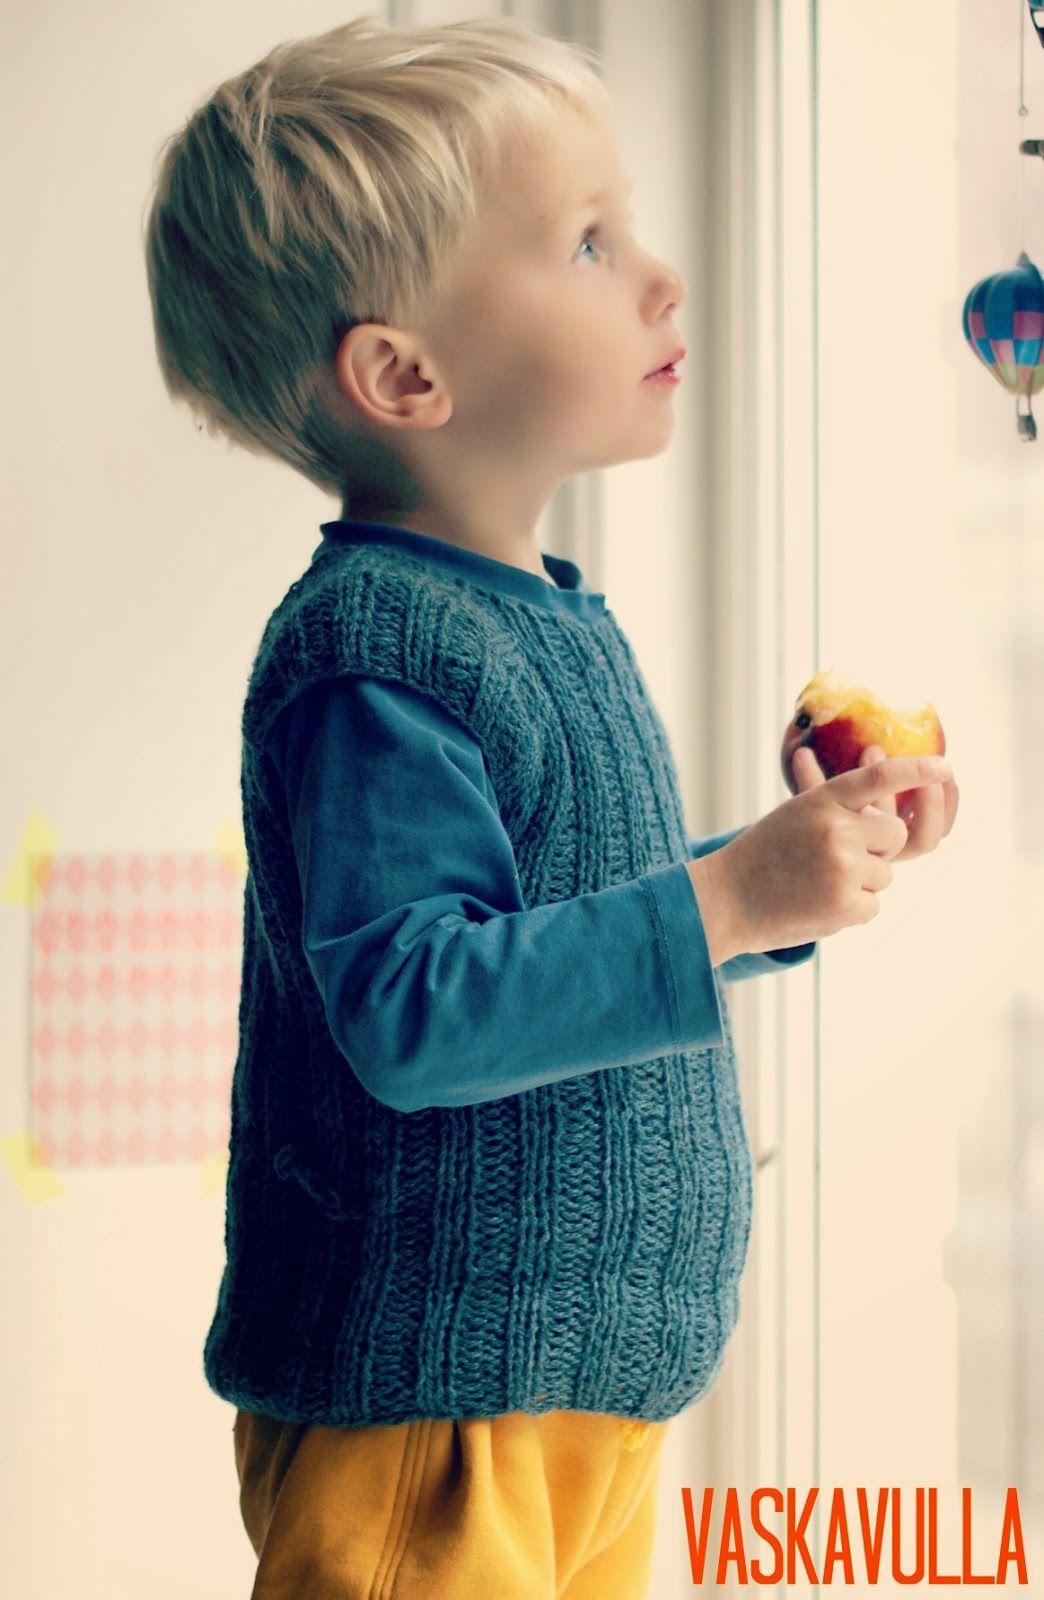 Babysvøb Mary Opskrift vaskavulla: opskrift på strikket barnevest i et stykke | barnestrikk